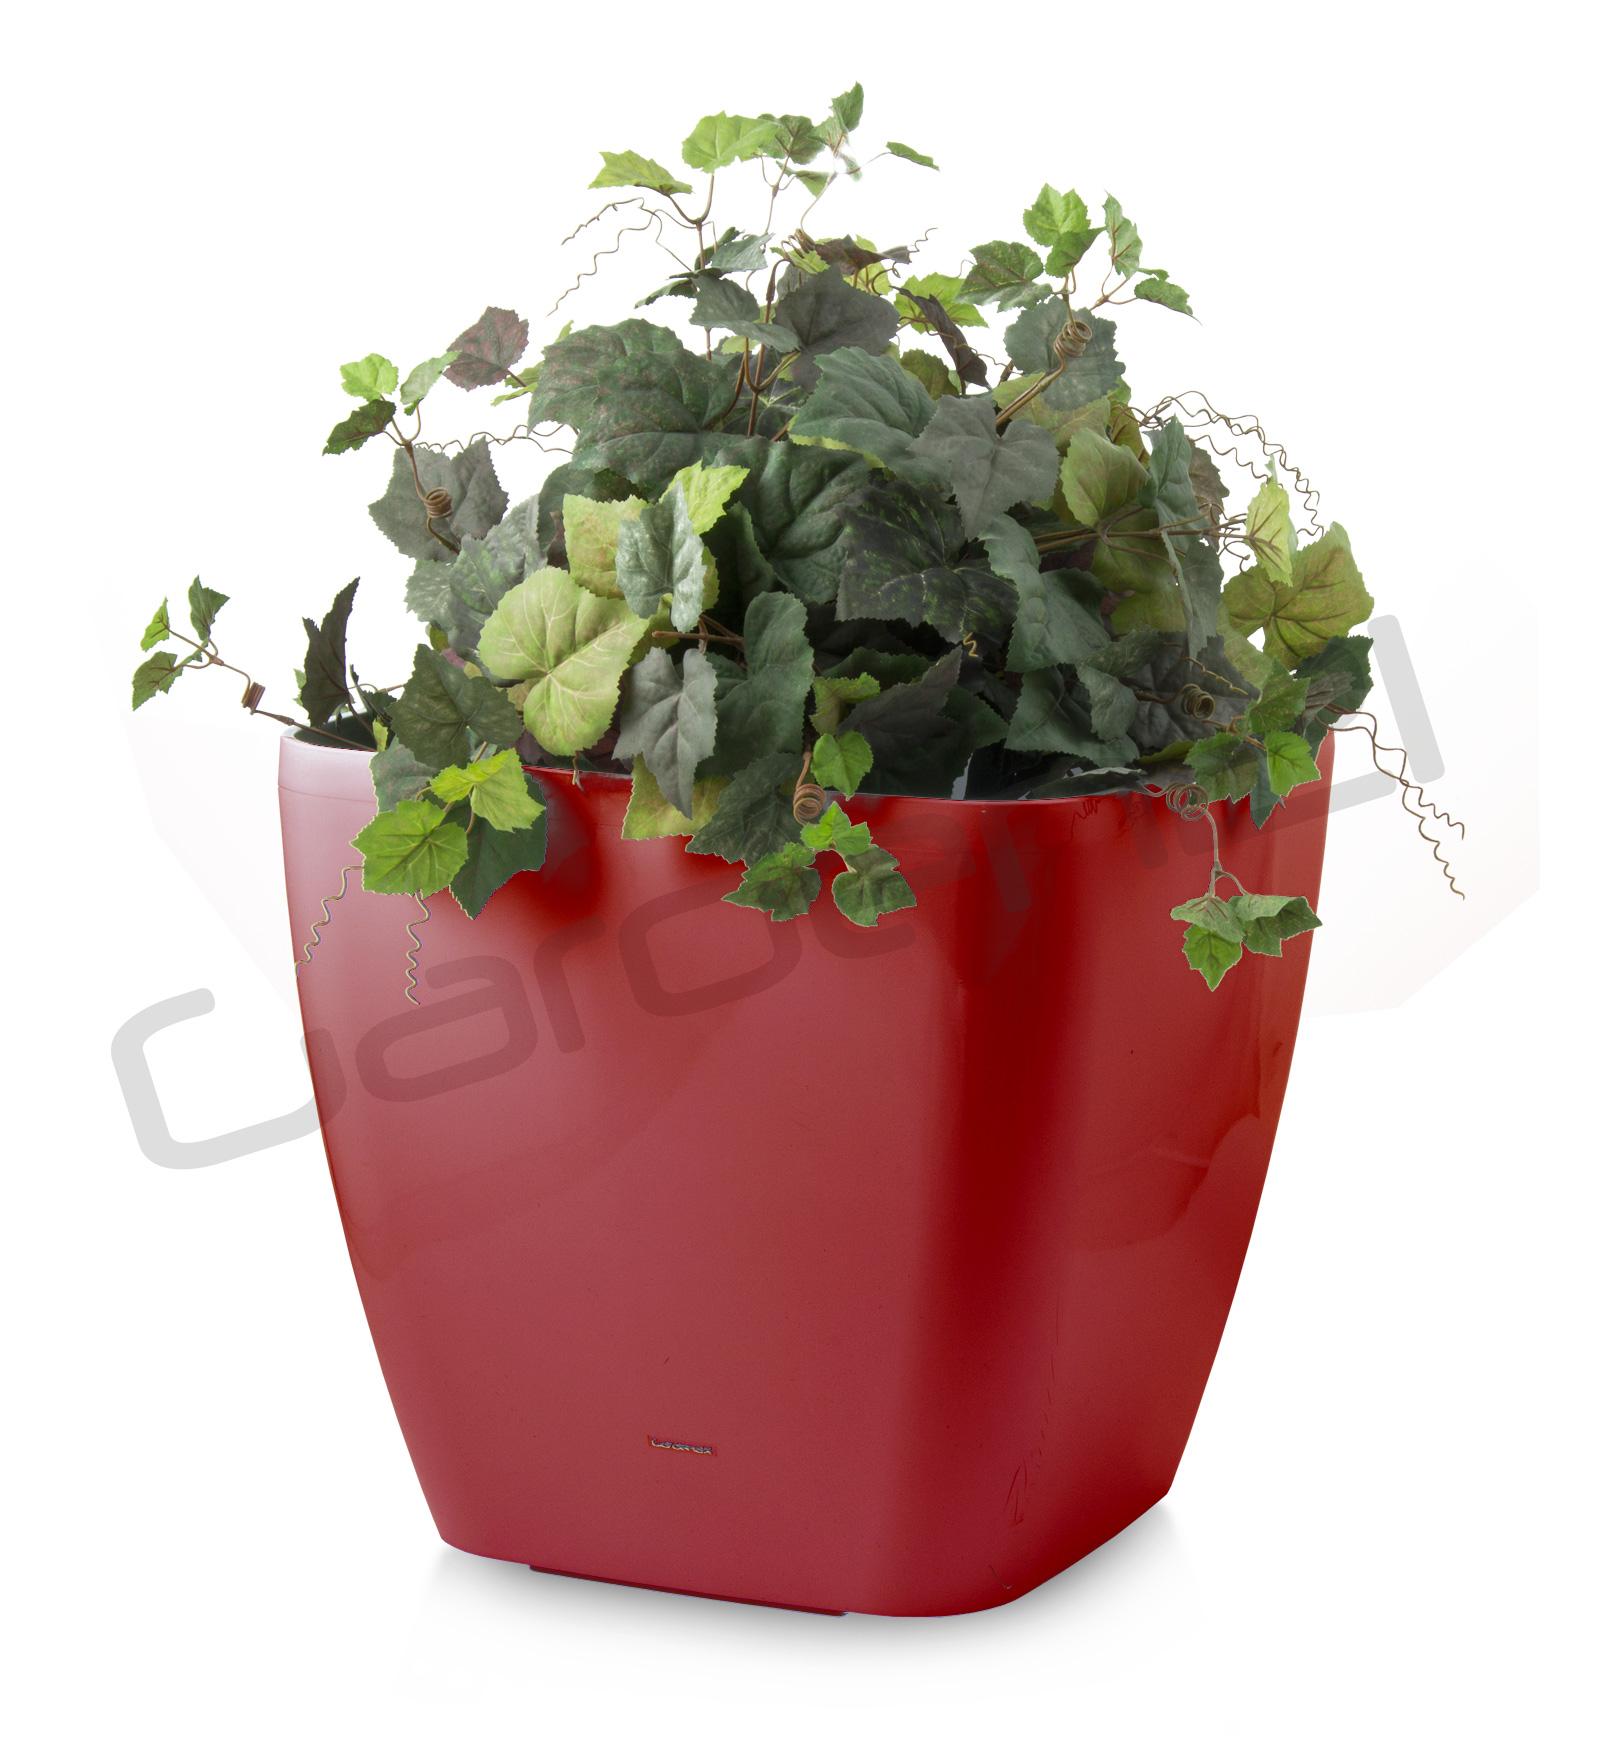 Samozavlažovací květináč G21 Cube maxi červený 45cm + doprava zdarma